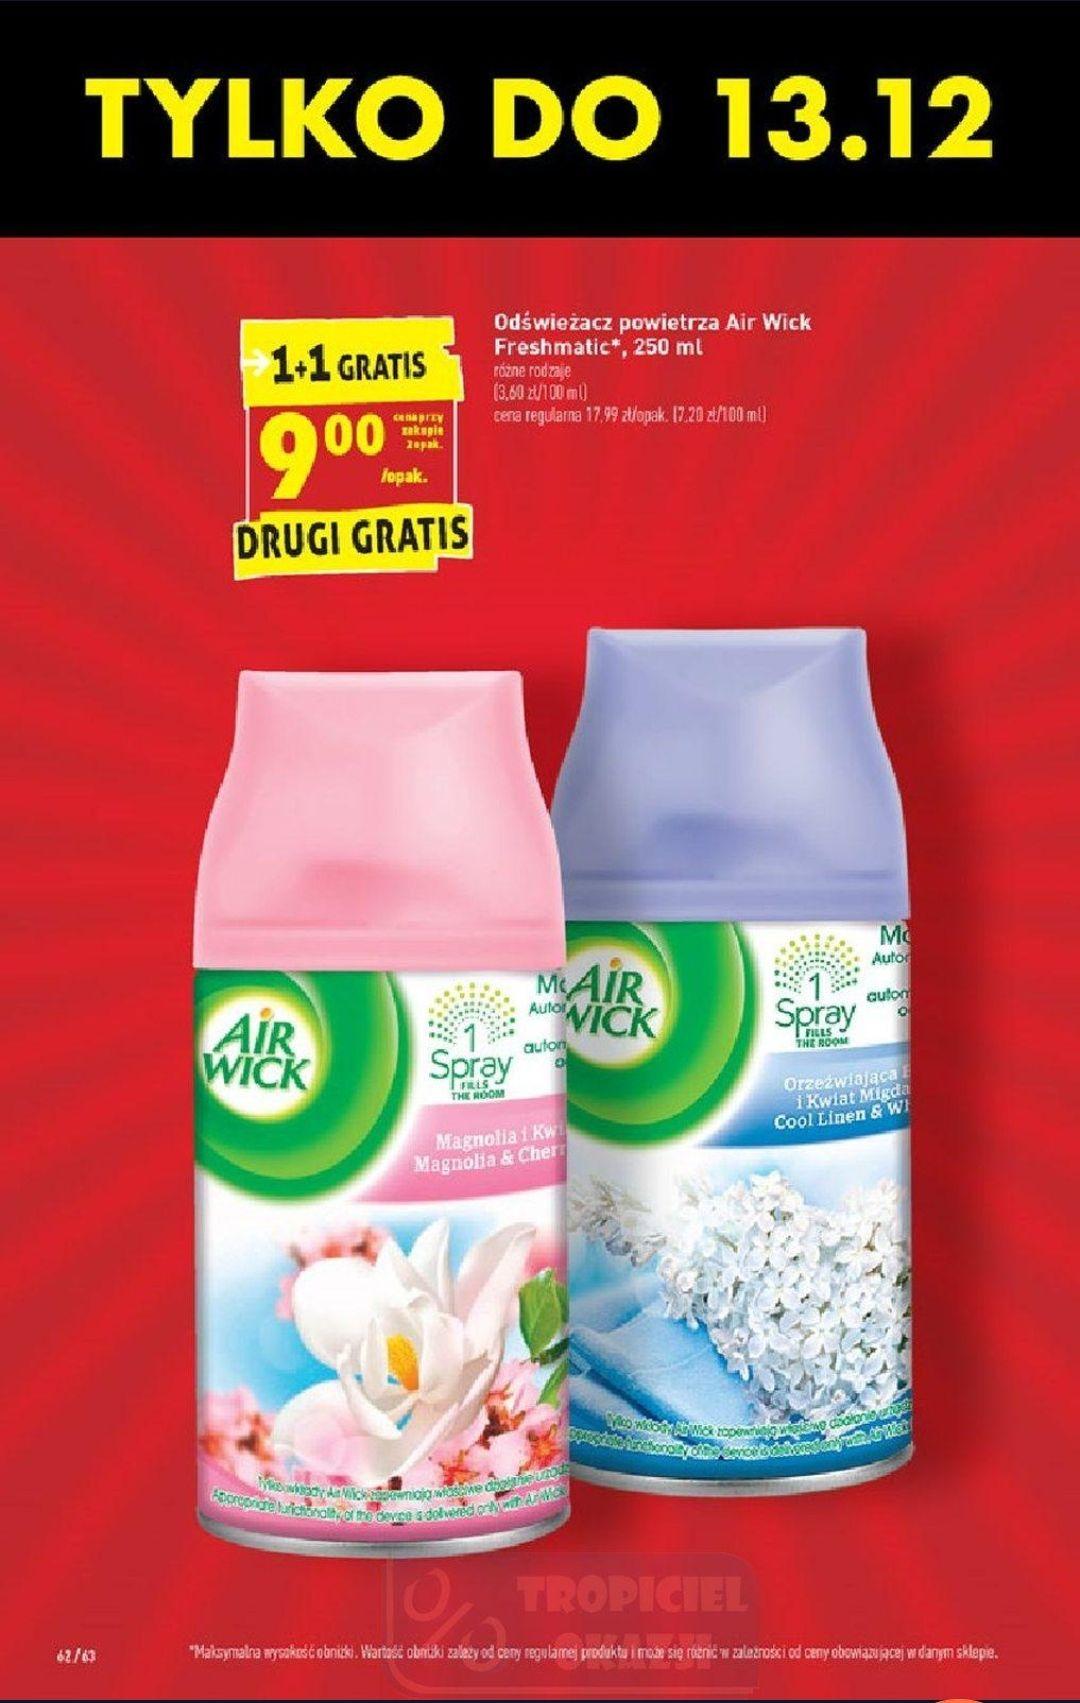 Air Wick freshmatic 250 ml za 9 zł/opak przy zakupie 2 sztuk w Biedronce